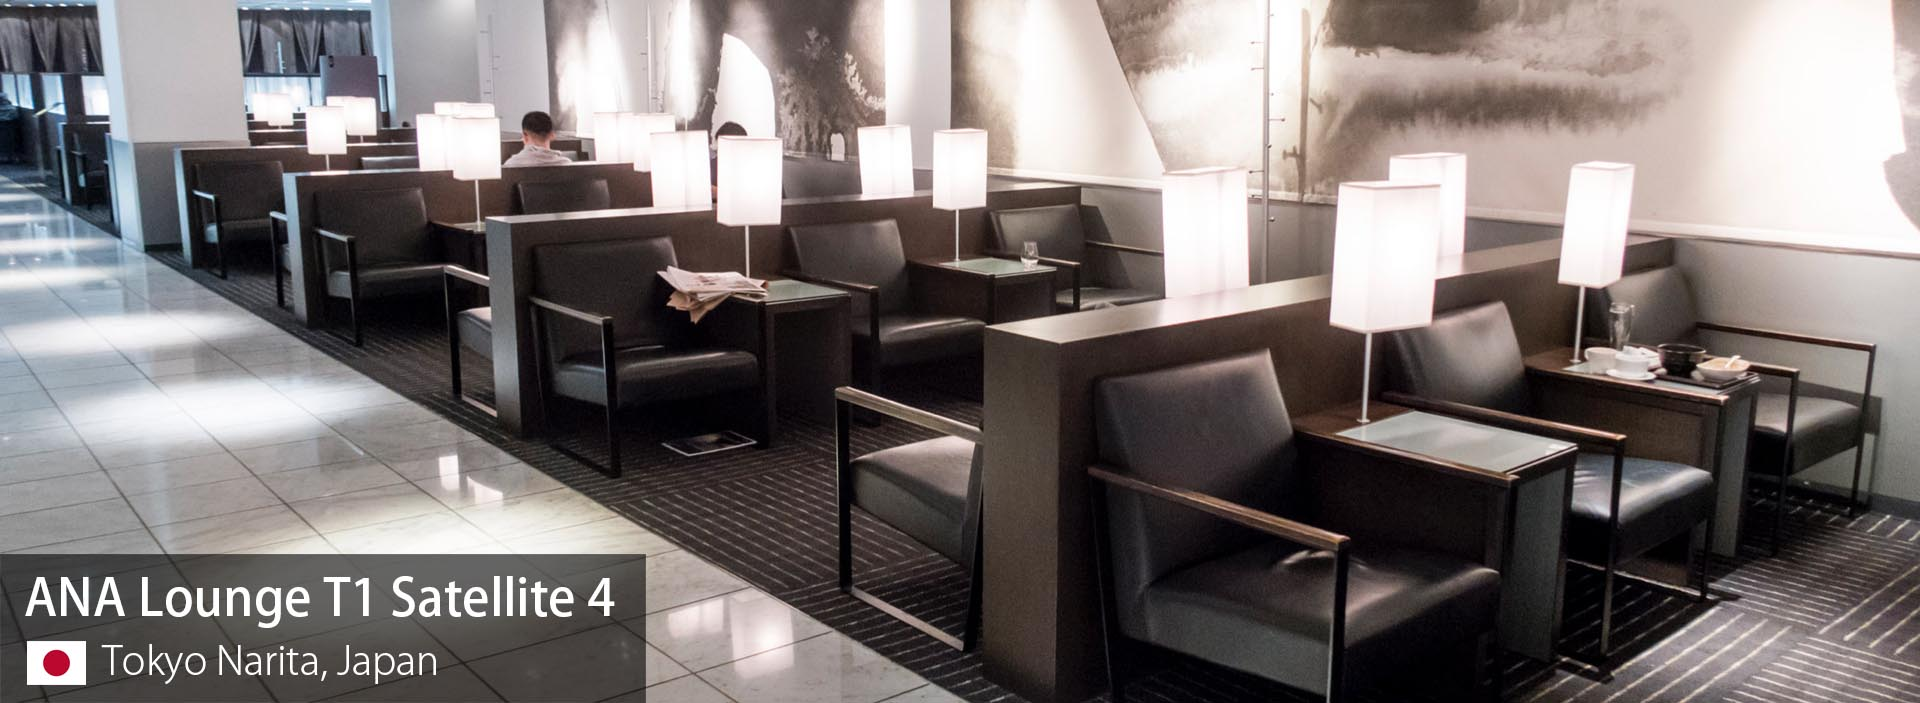 ANA Lounge Tokyo Narita (Terminal 1 Satellite 4) Review